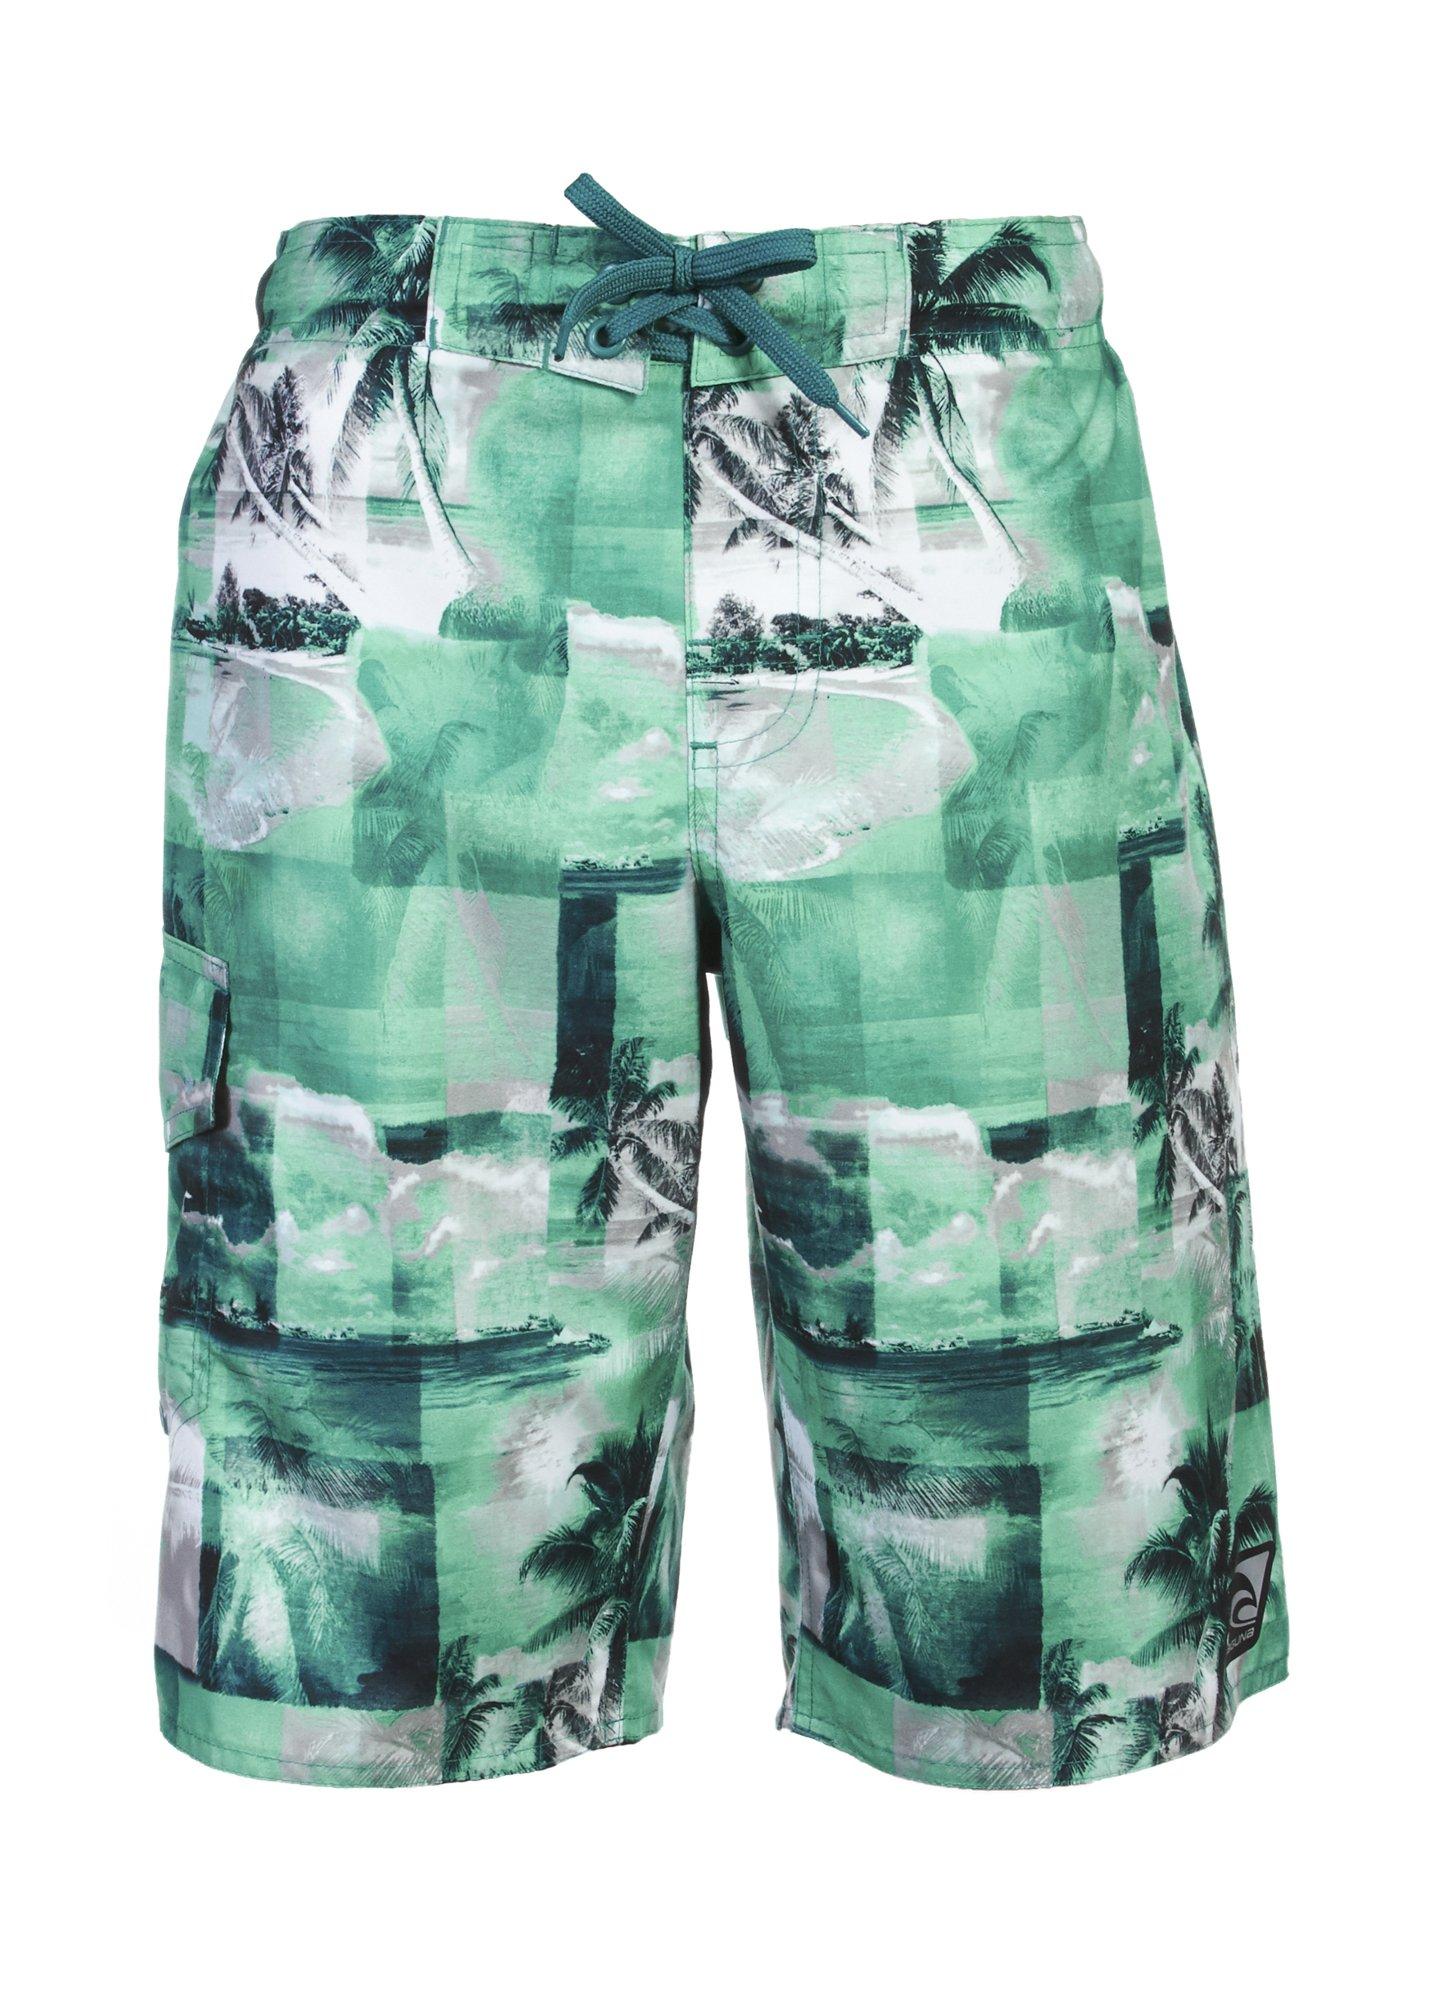 12887862d7 LAGUNA Boys Tropical Paradise Pattern Boardshorts Swim Trunks Bathing Suit,  UPF 50+ product image